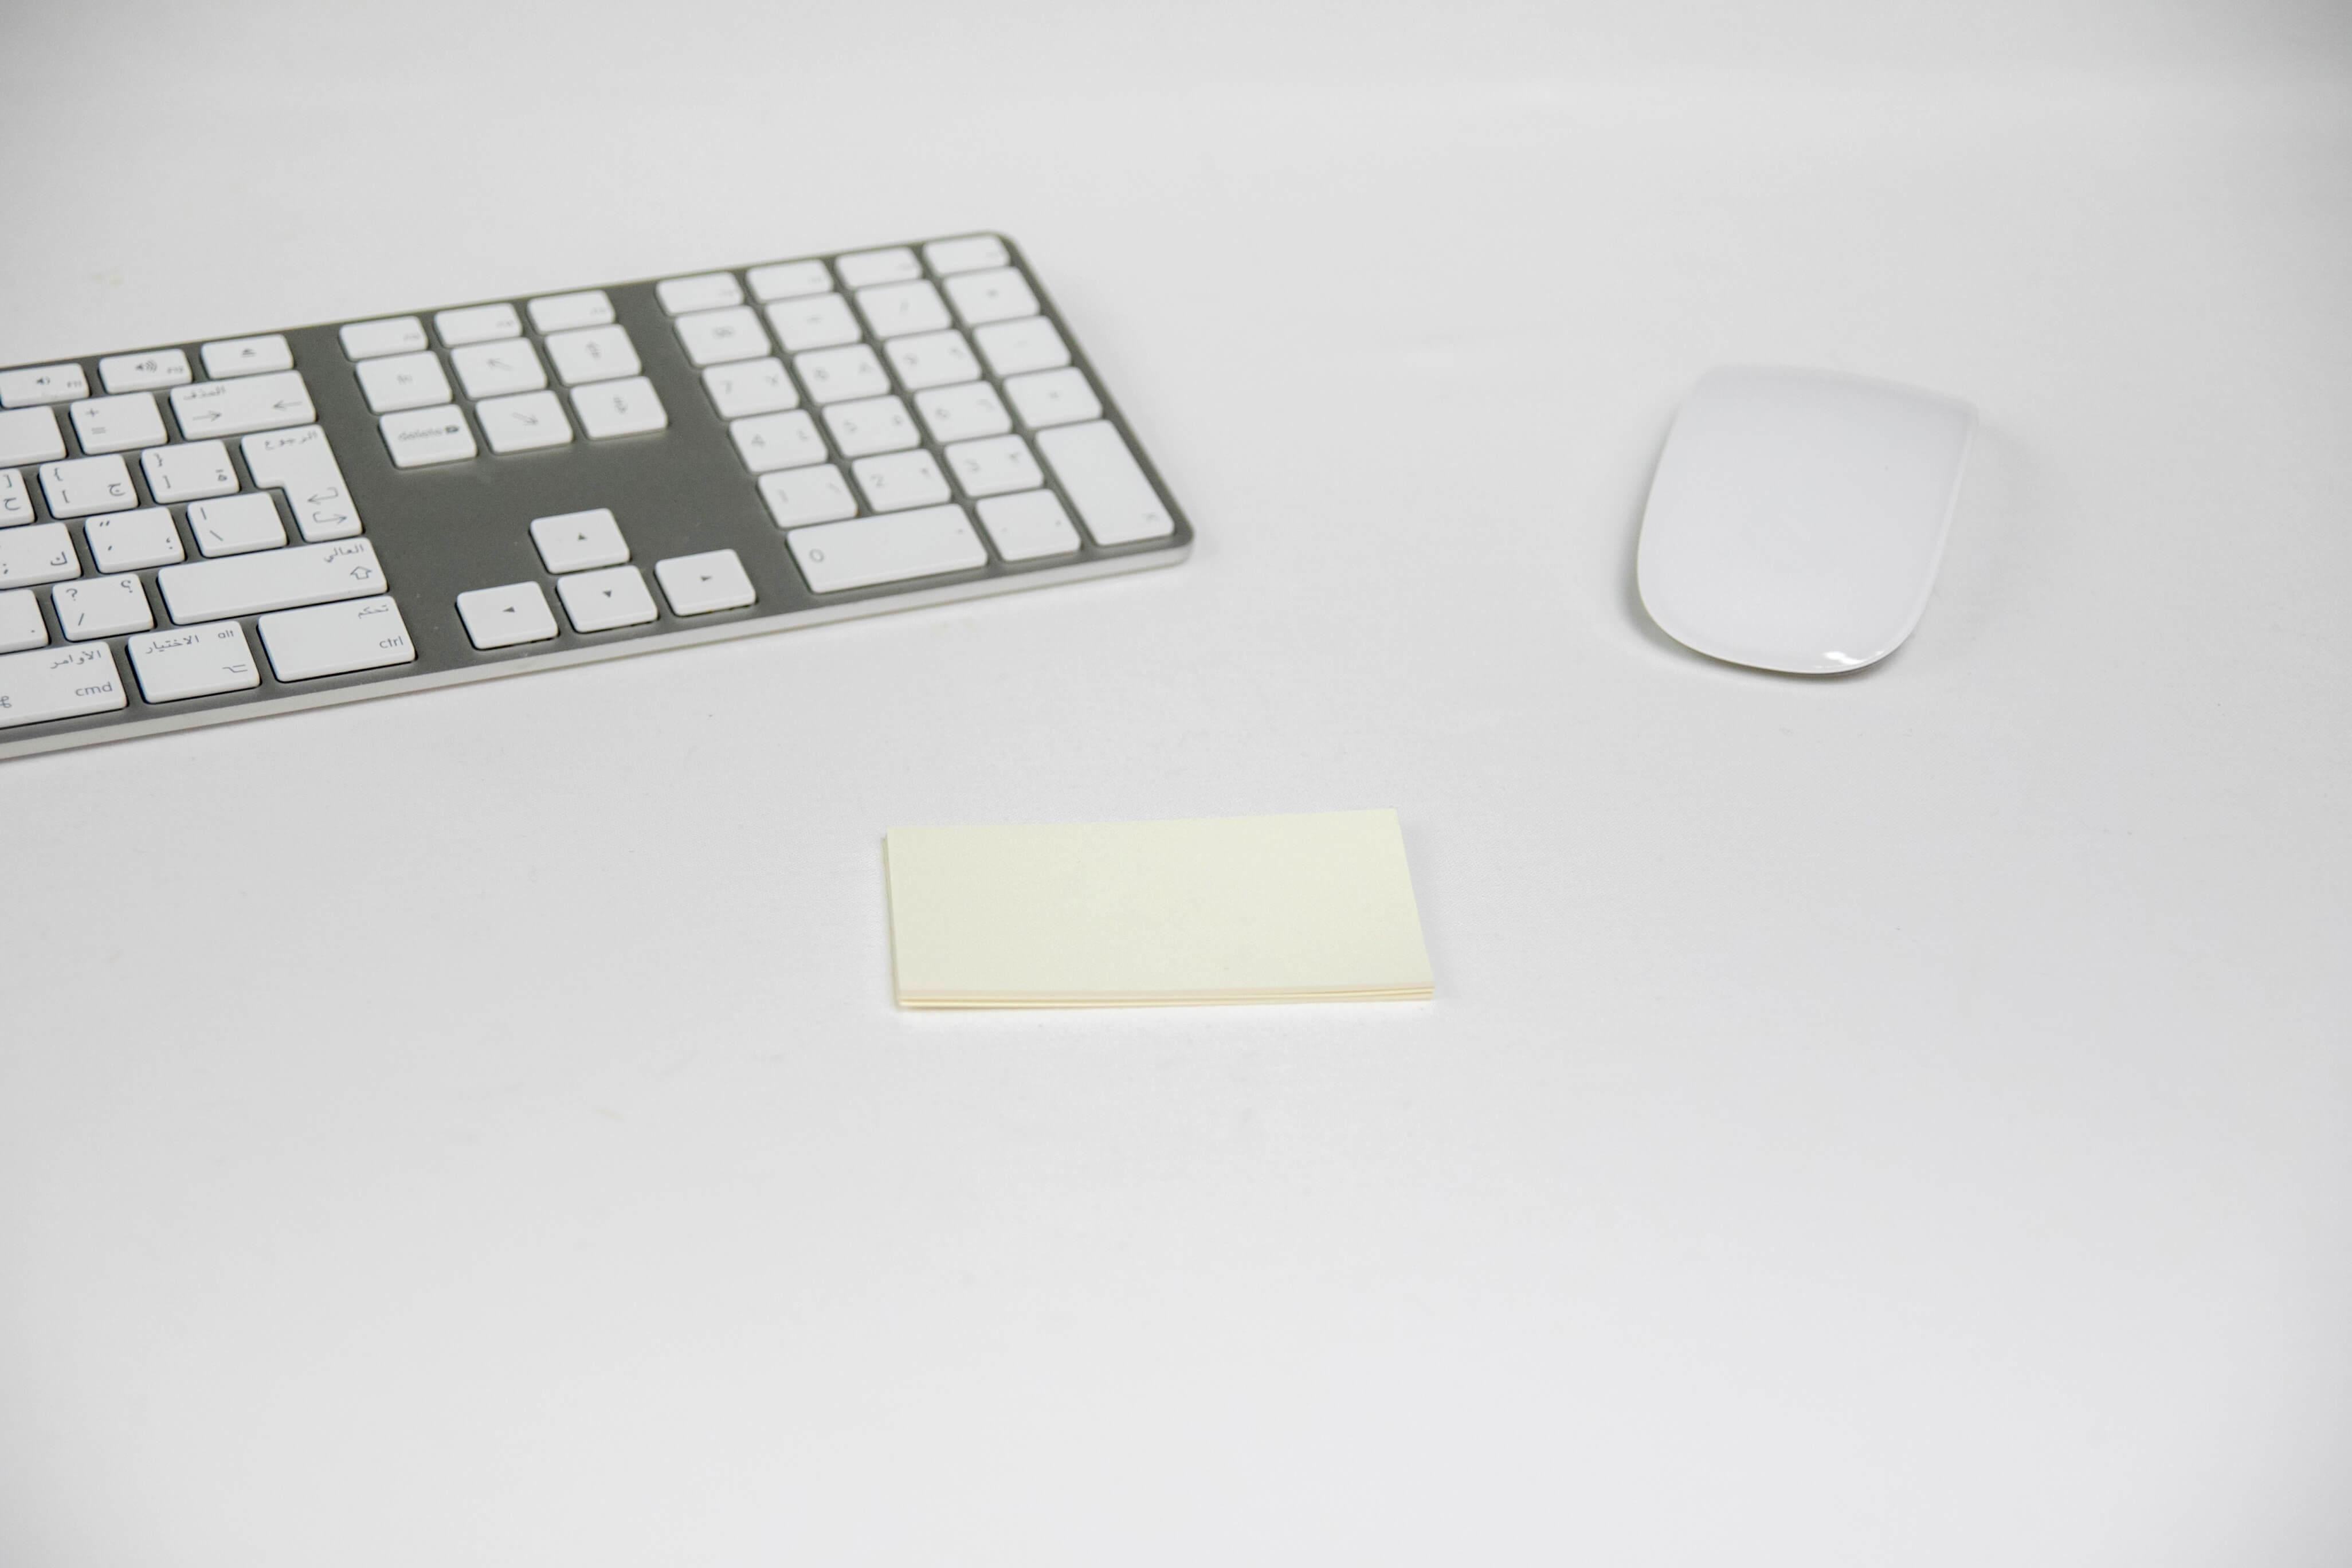 kate-trysh-485801-unsplash (1)